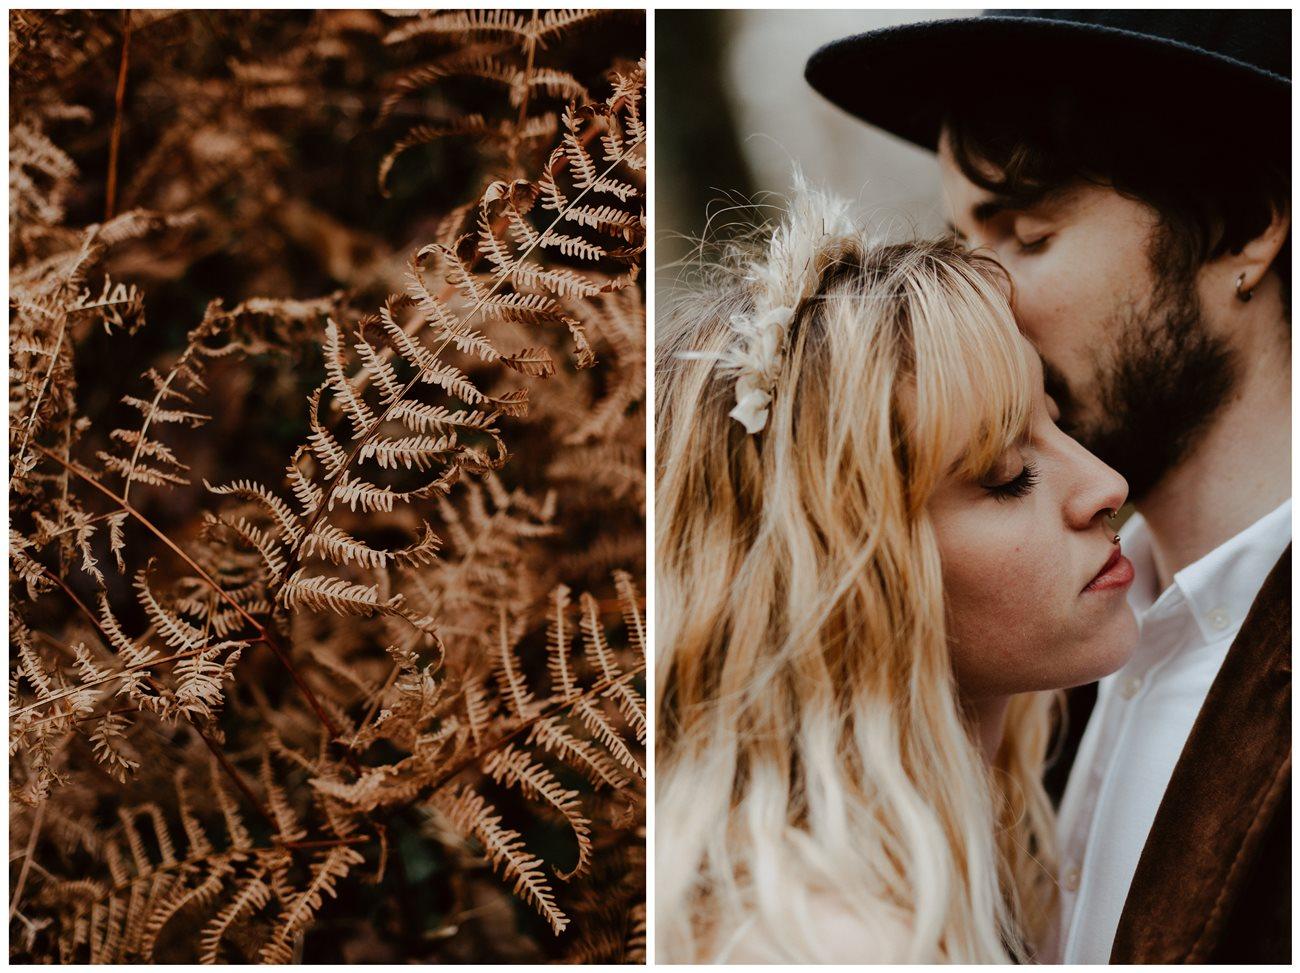 mariage folk photo couple forêt portrait mariés détail fougère